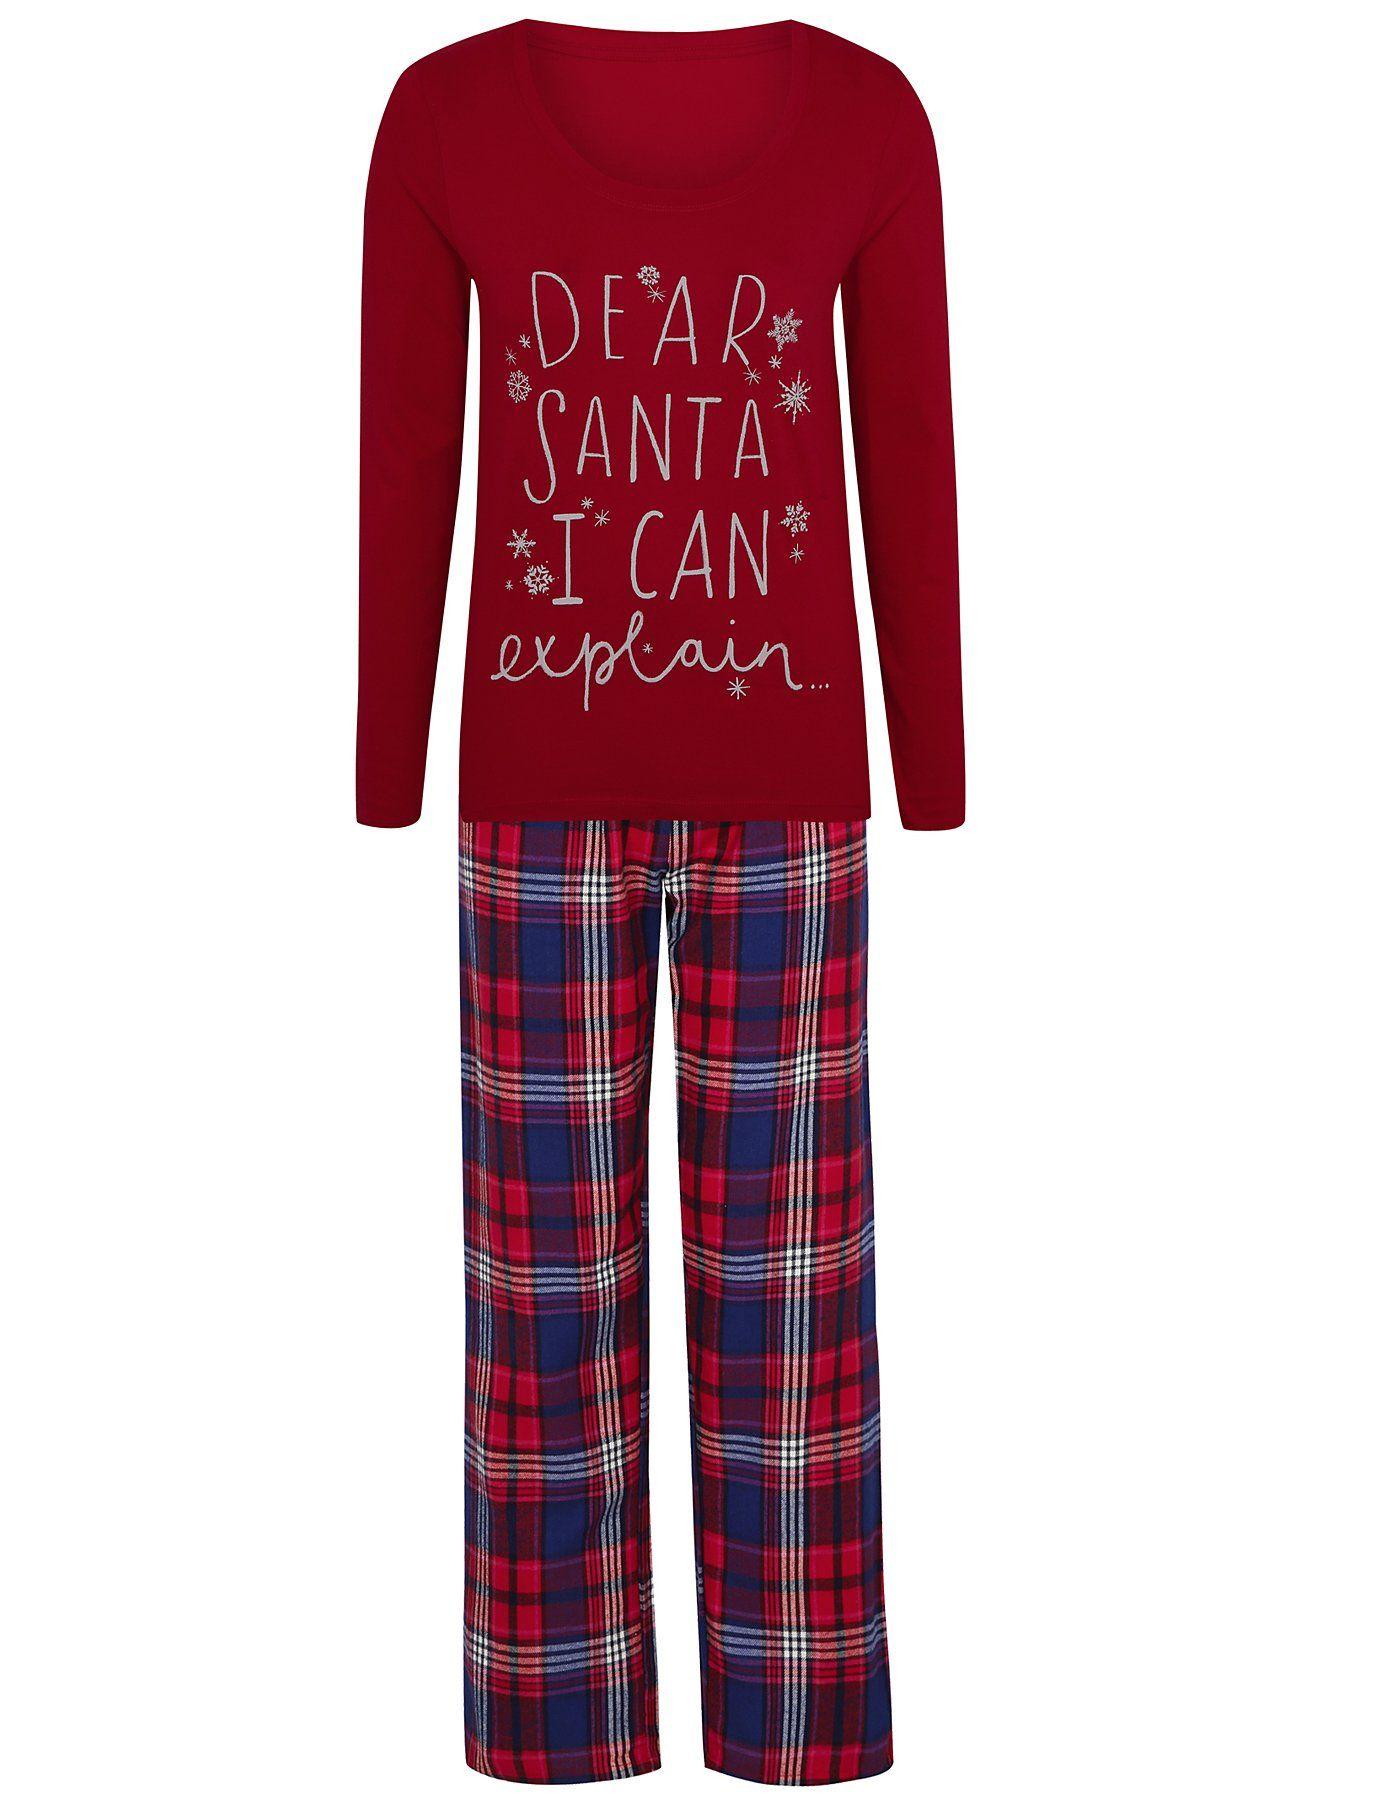 Christmas Pyjama Set Women at ASDA Pyjamas